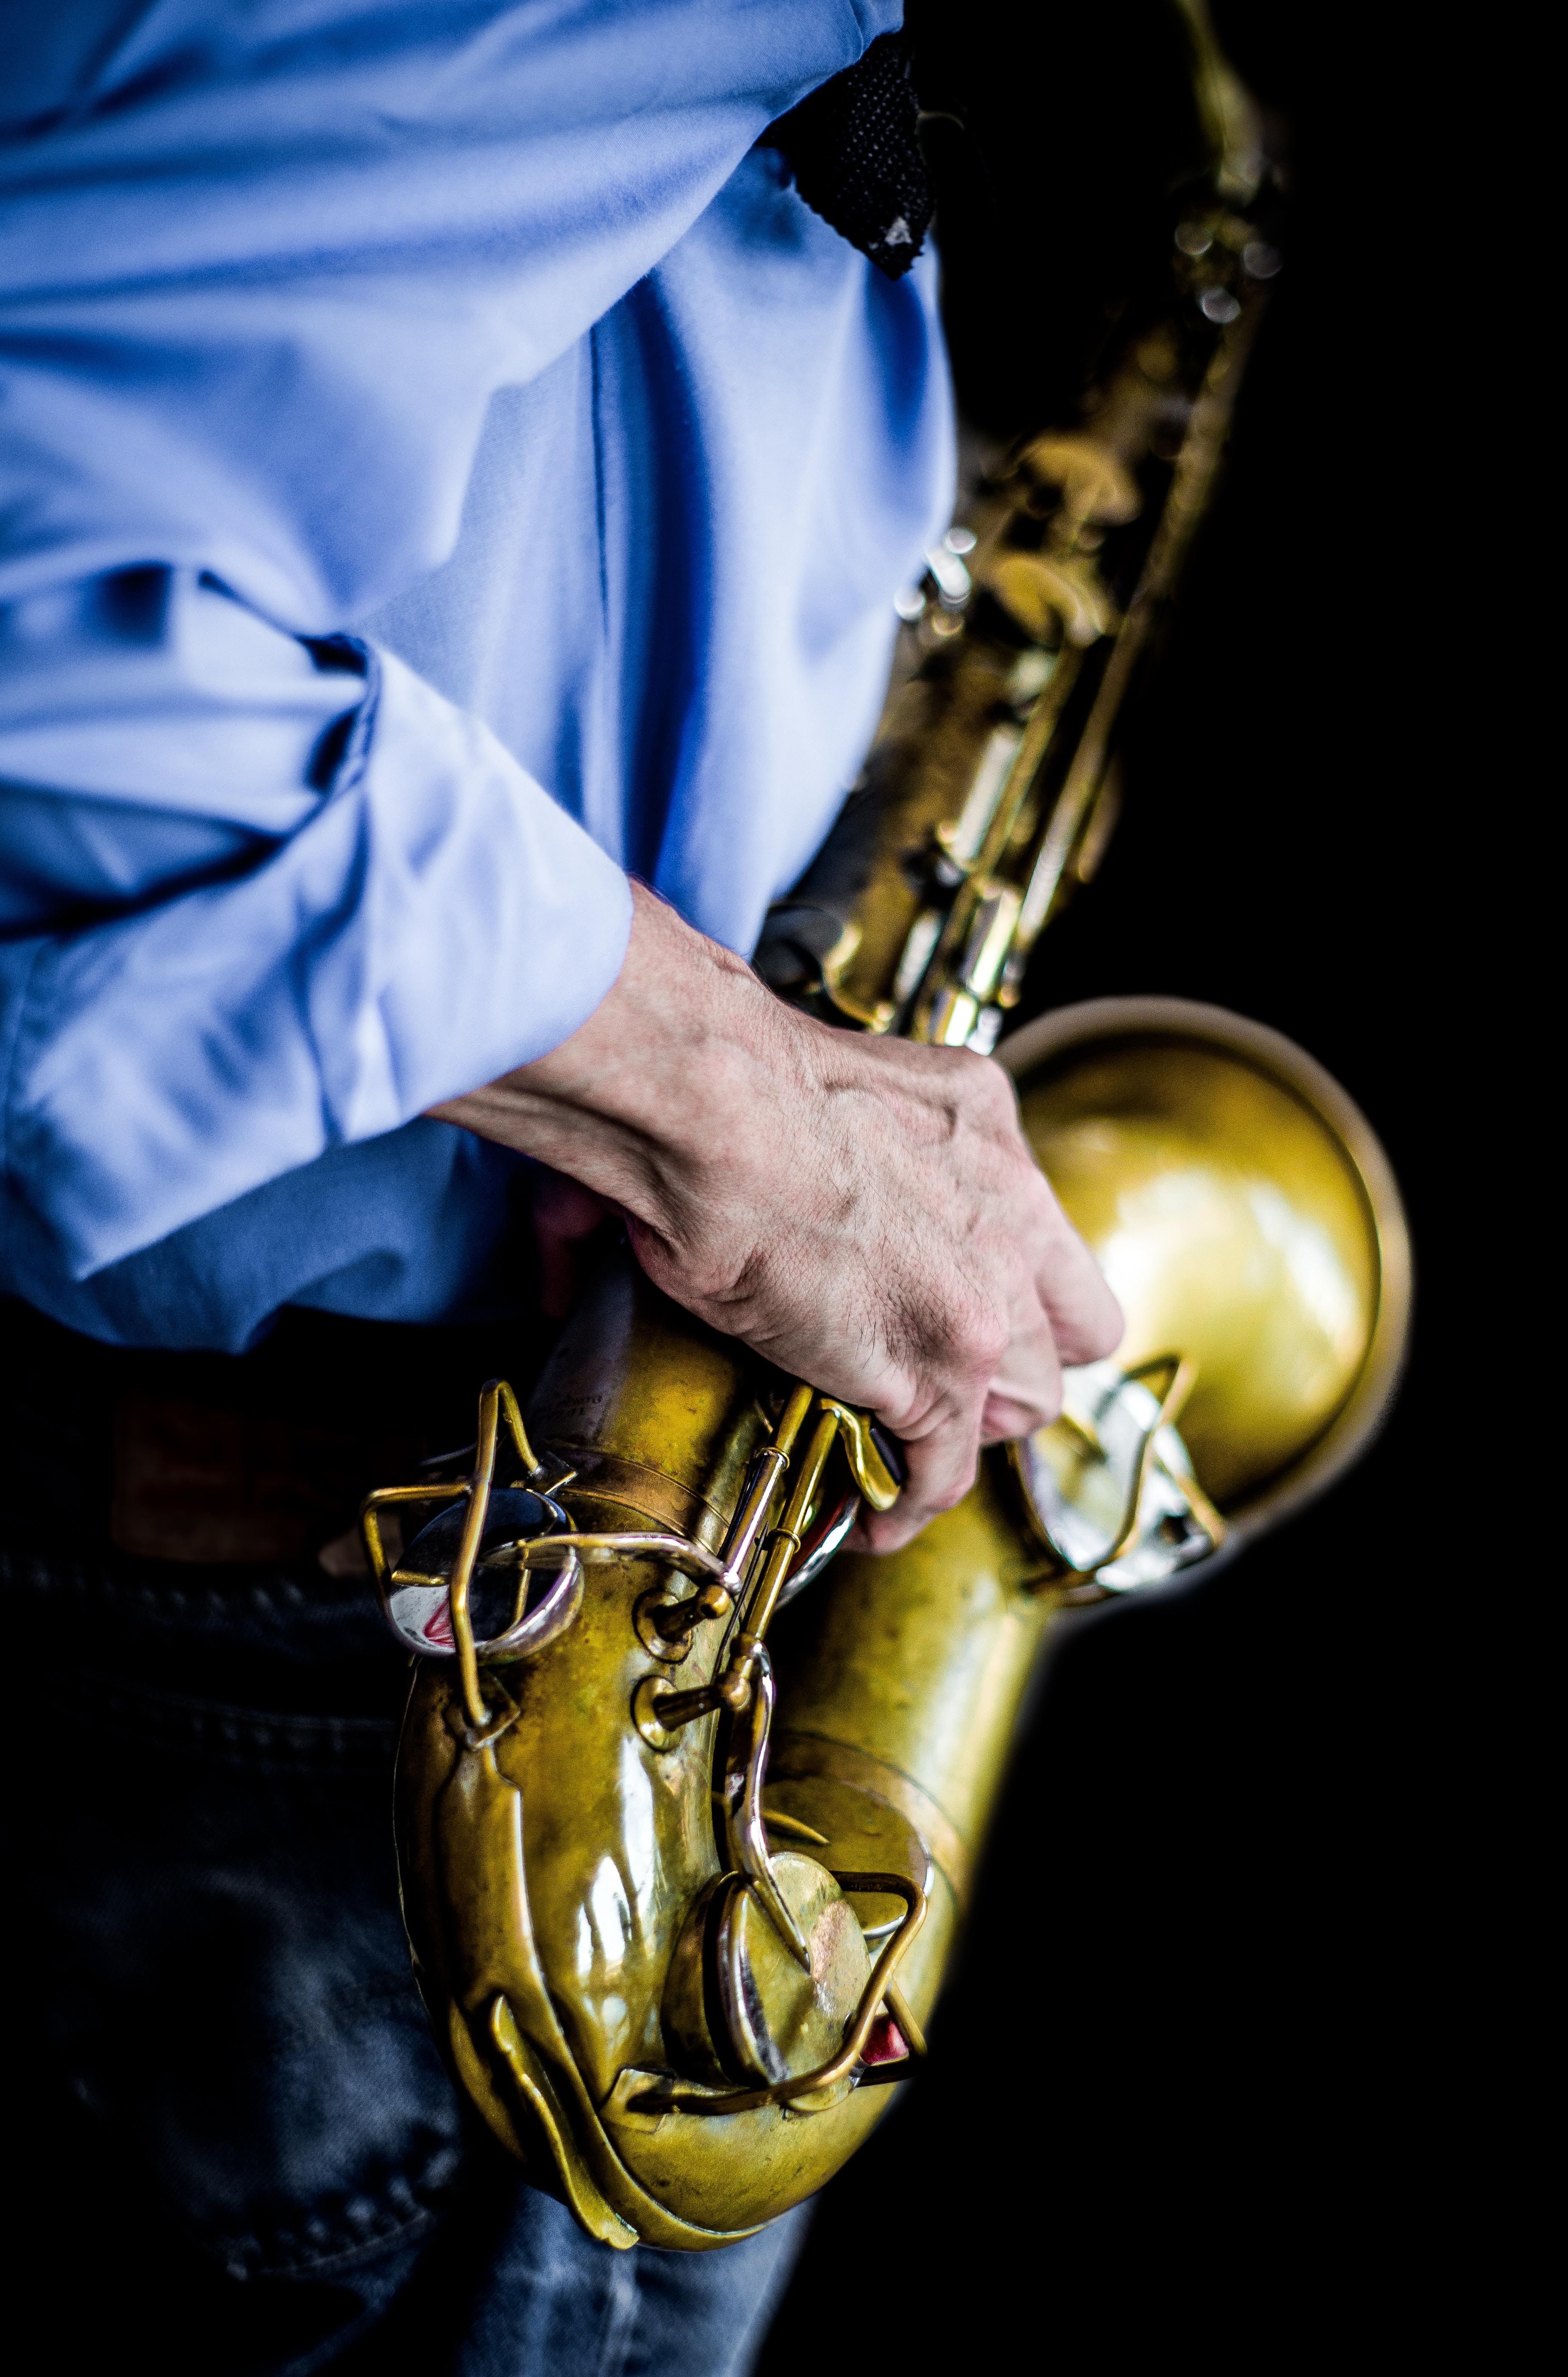 フルート、サックスは金属なのに木管なの?金管楽器と木管楽器の違いとは